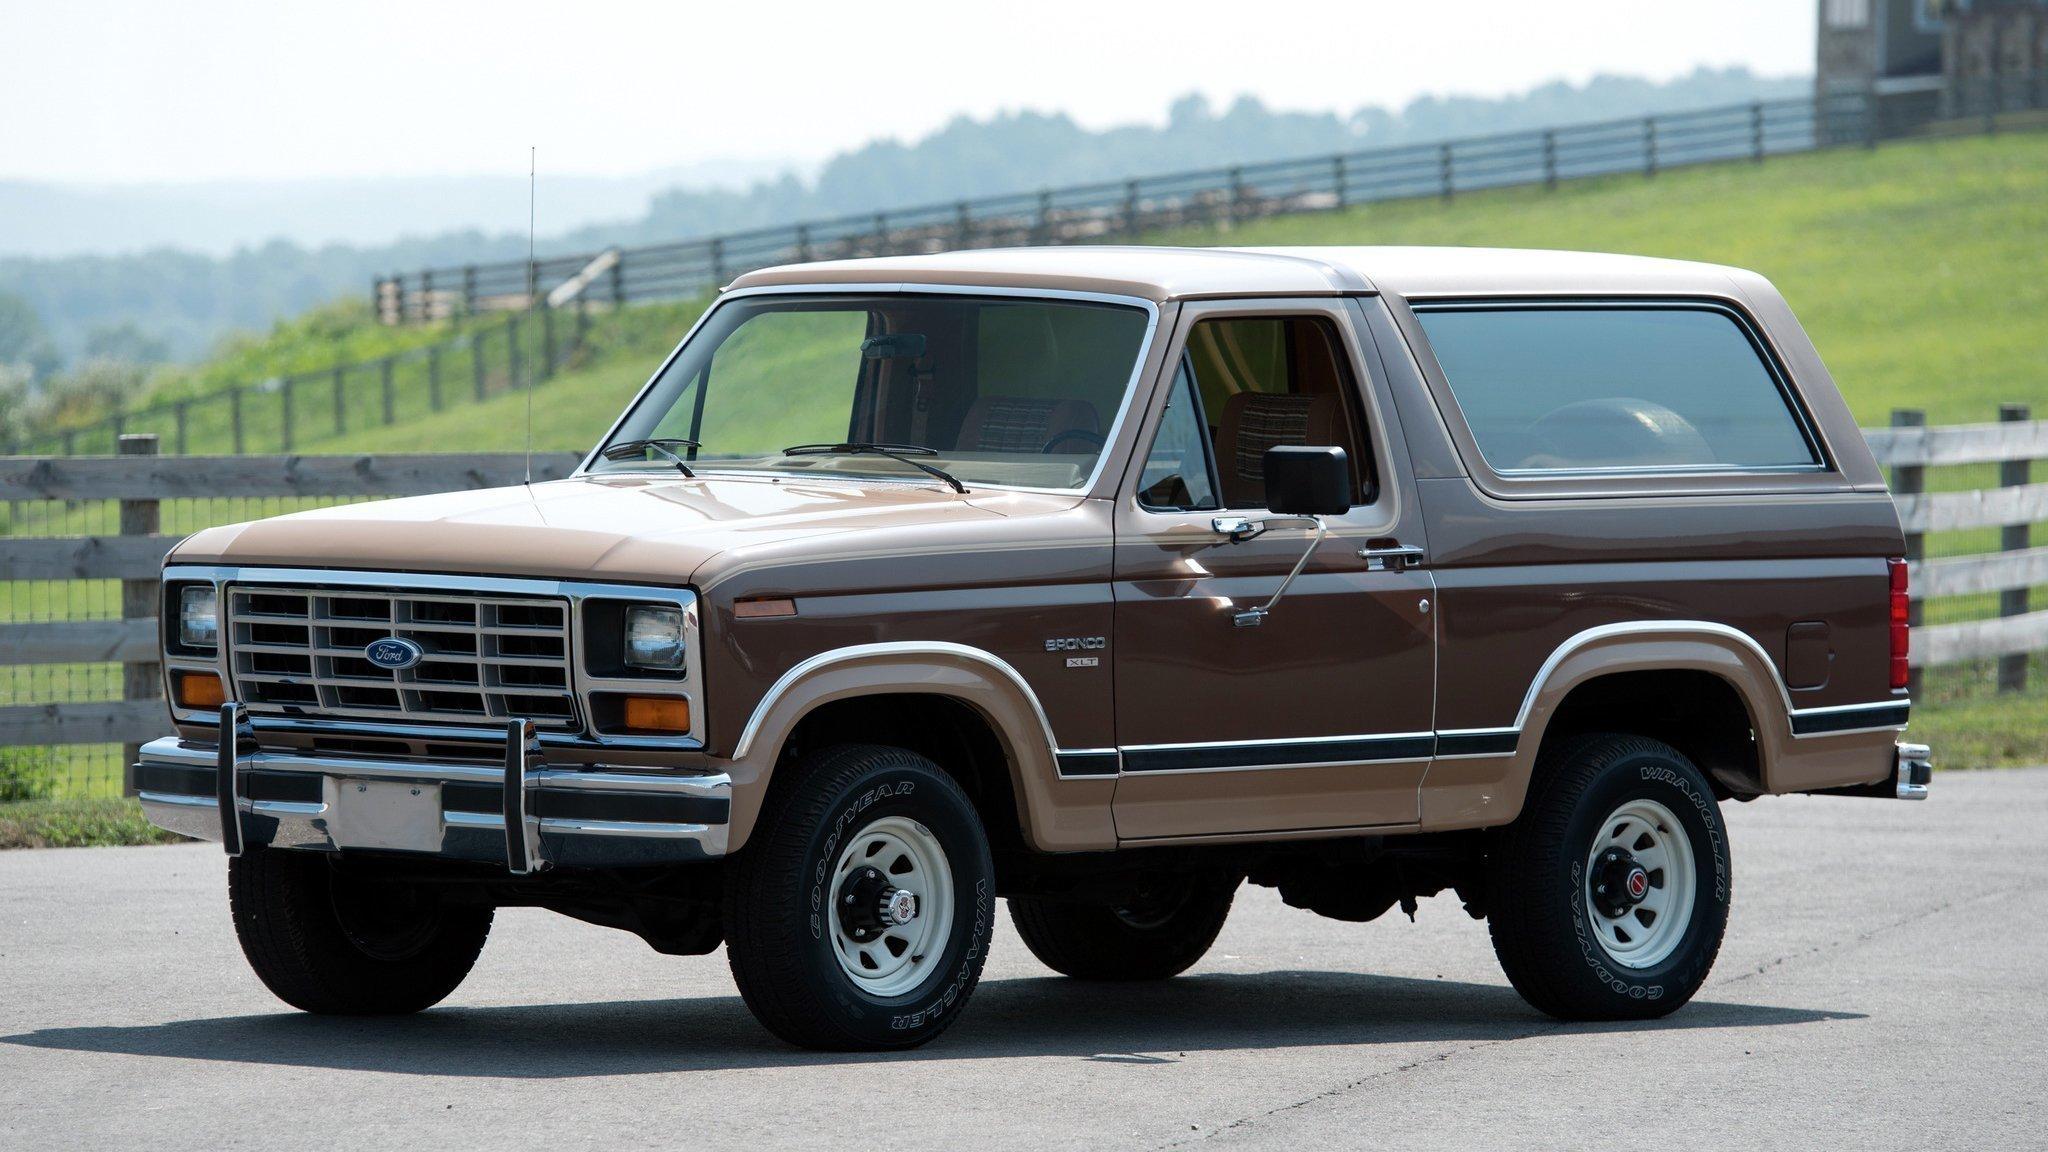 Ford официально заявил овозрождении внедорожника Bronco к 2020 году